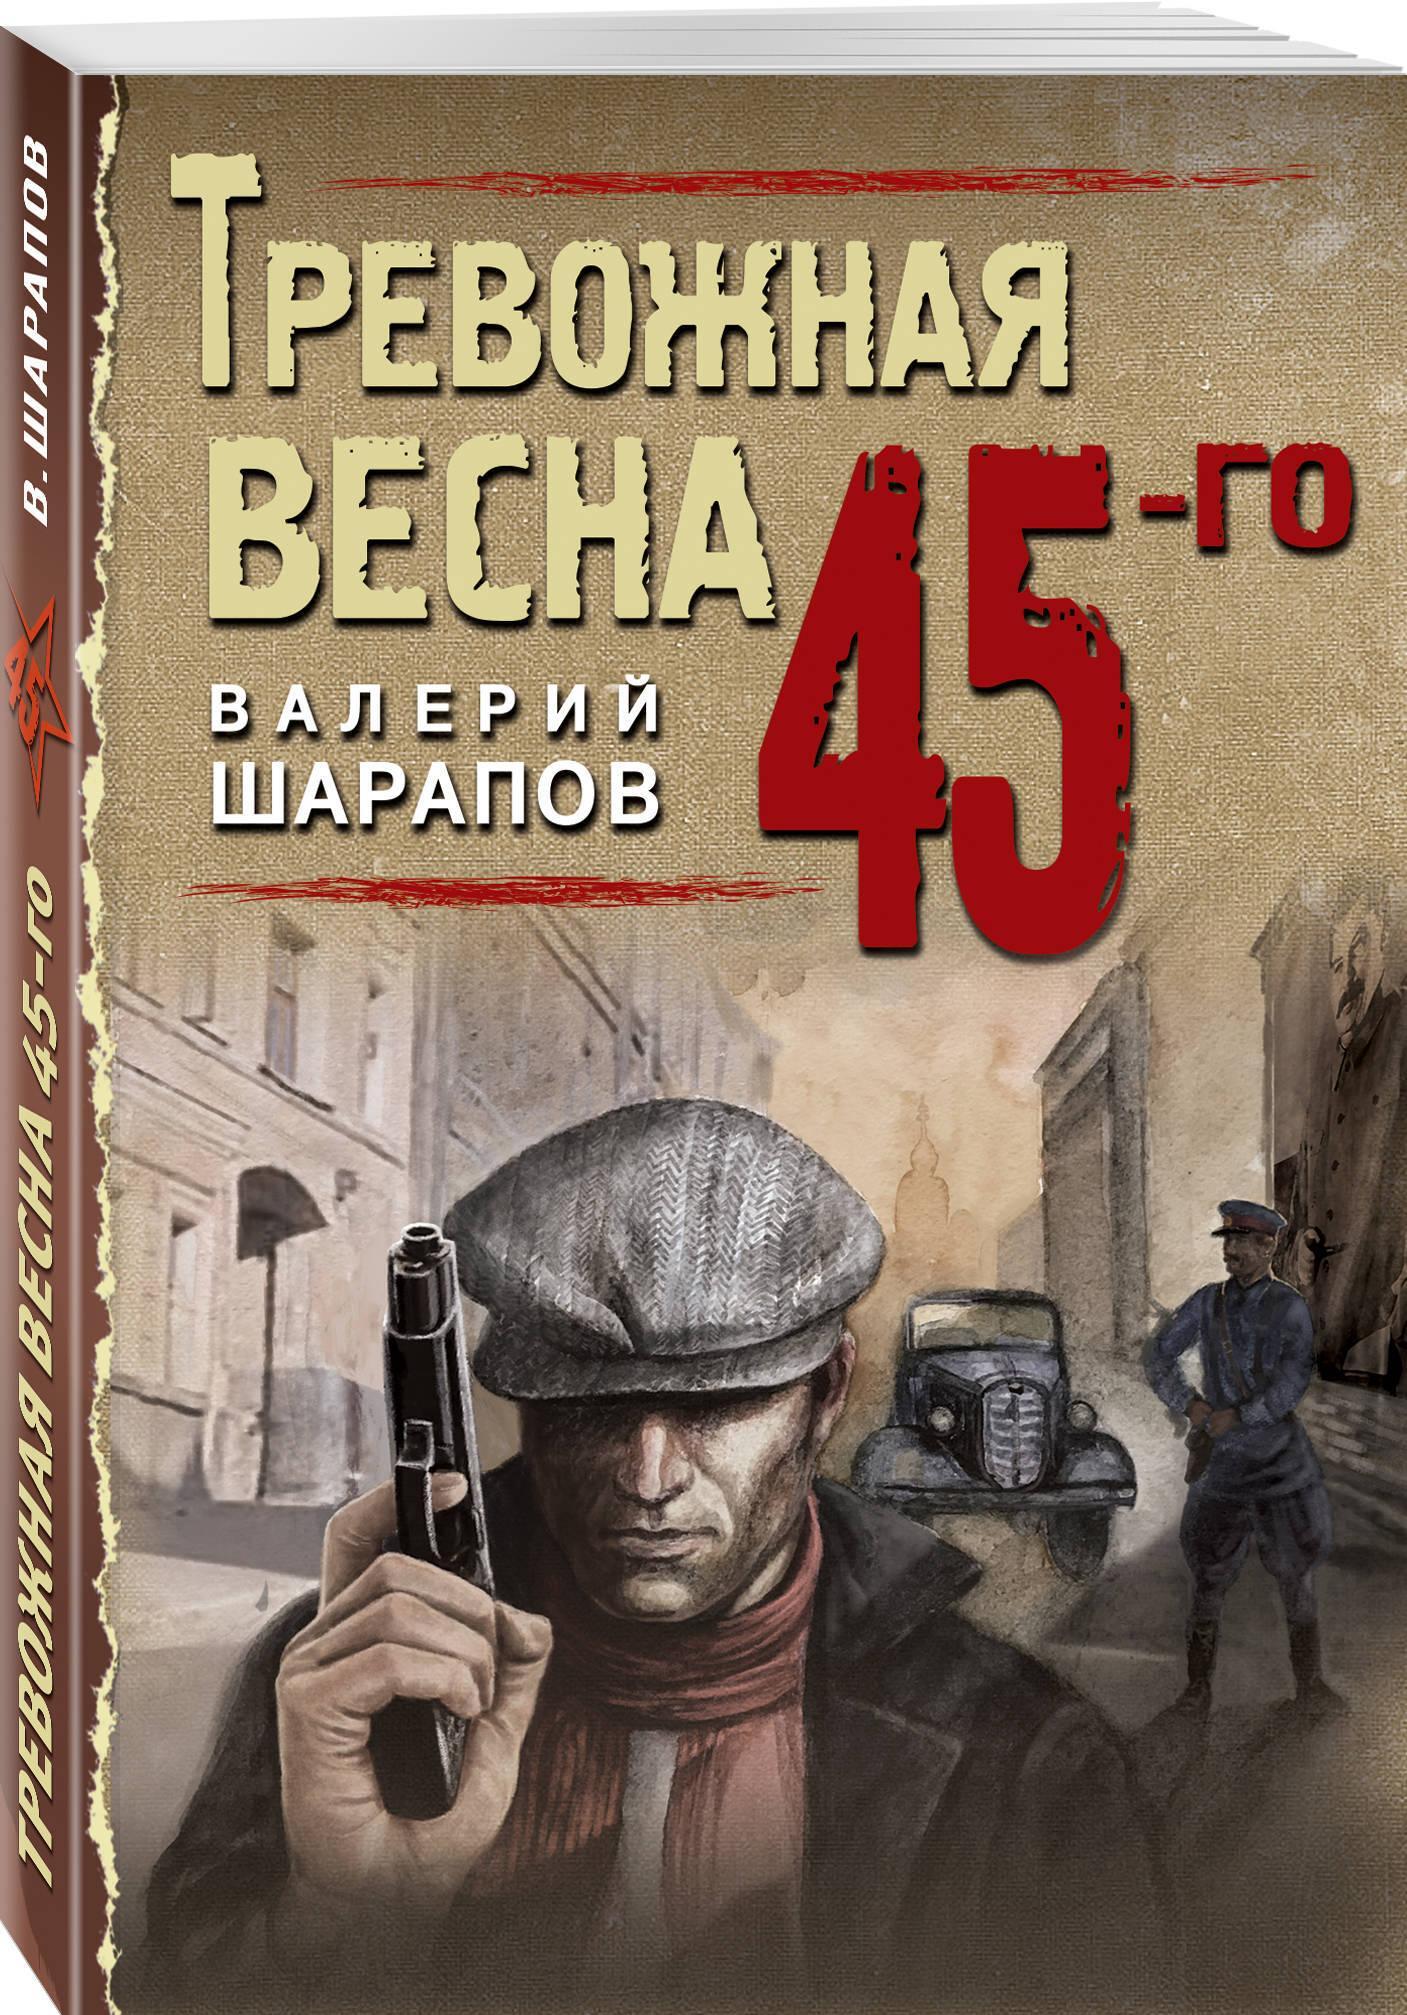 Trevozhnaja vesna 45-go | Sharapov Valerij Georgievich